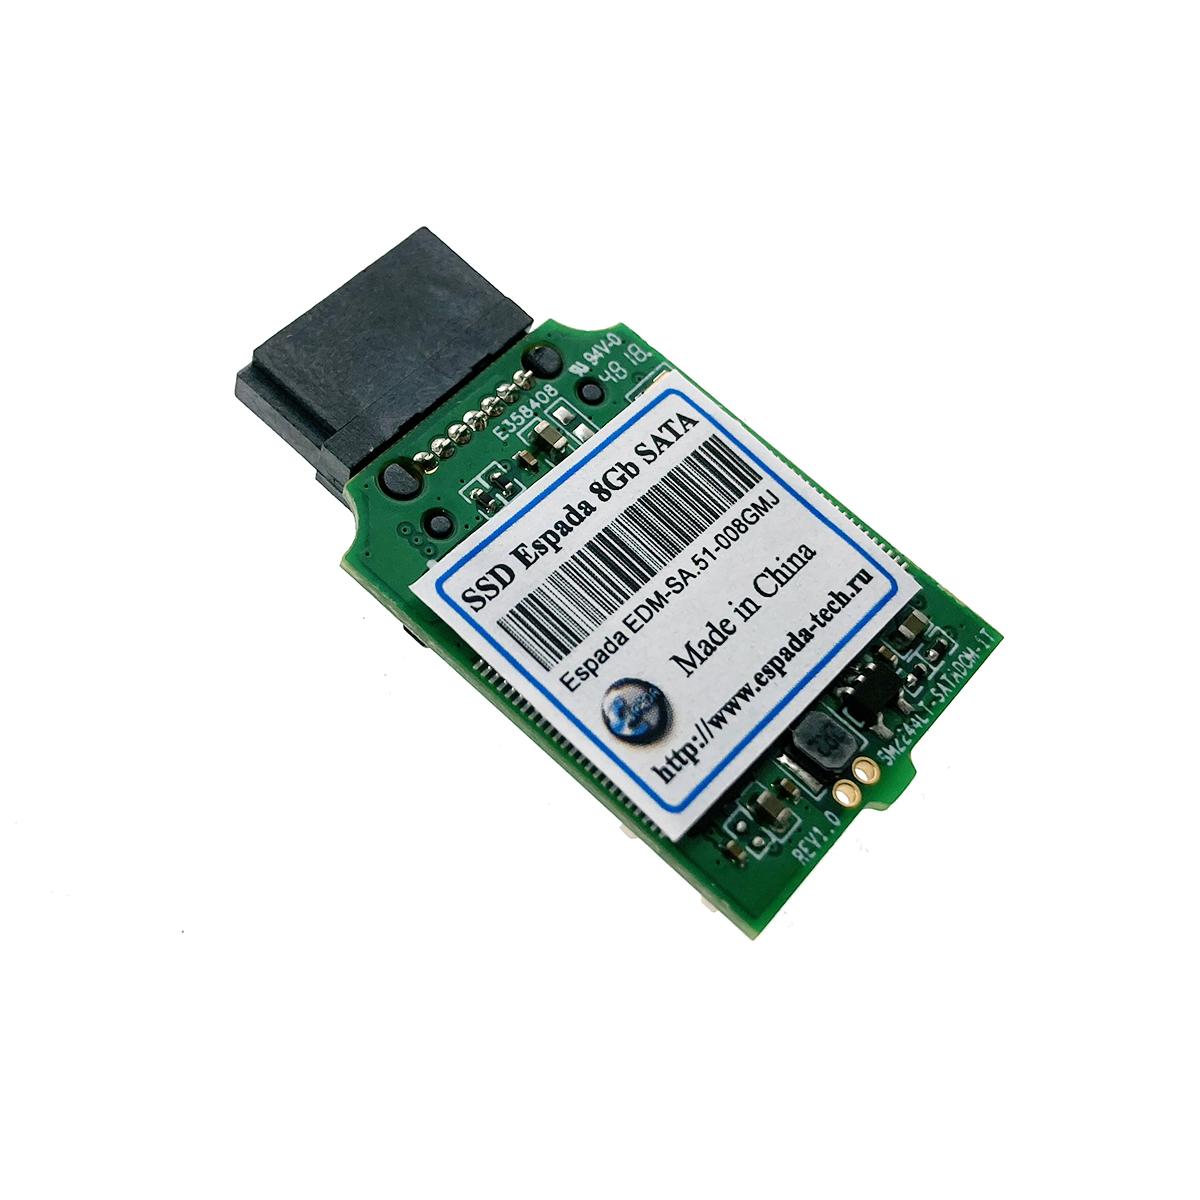 Твердотельный накопитель SSD DOM 8Gb SATA Espada, EDM-SA-51-008GMJ вертикальный с кабелем питания